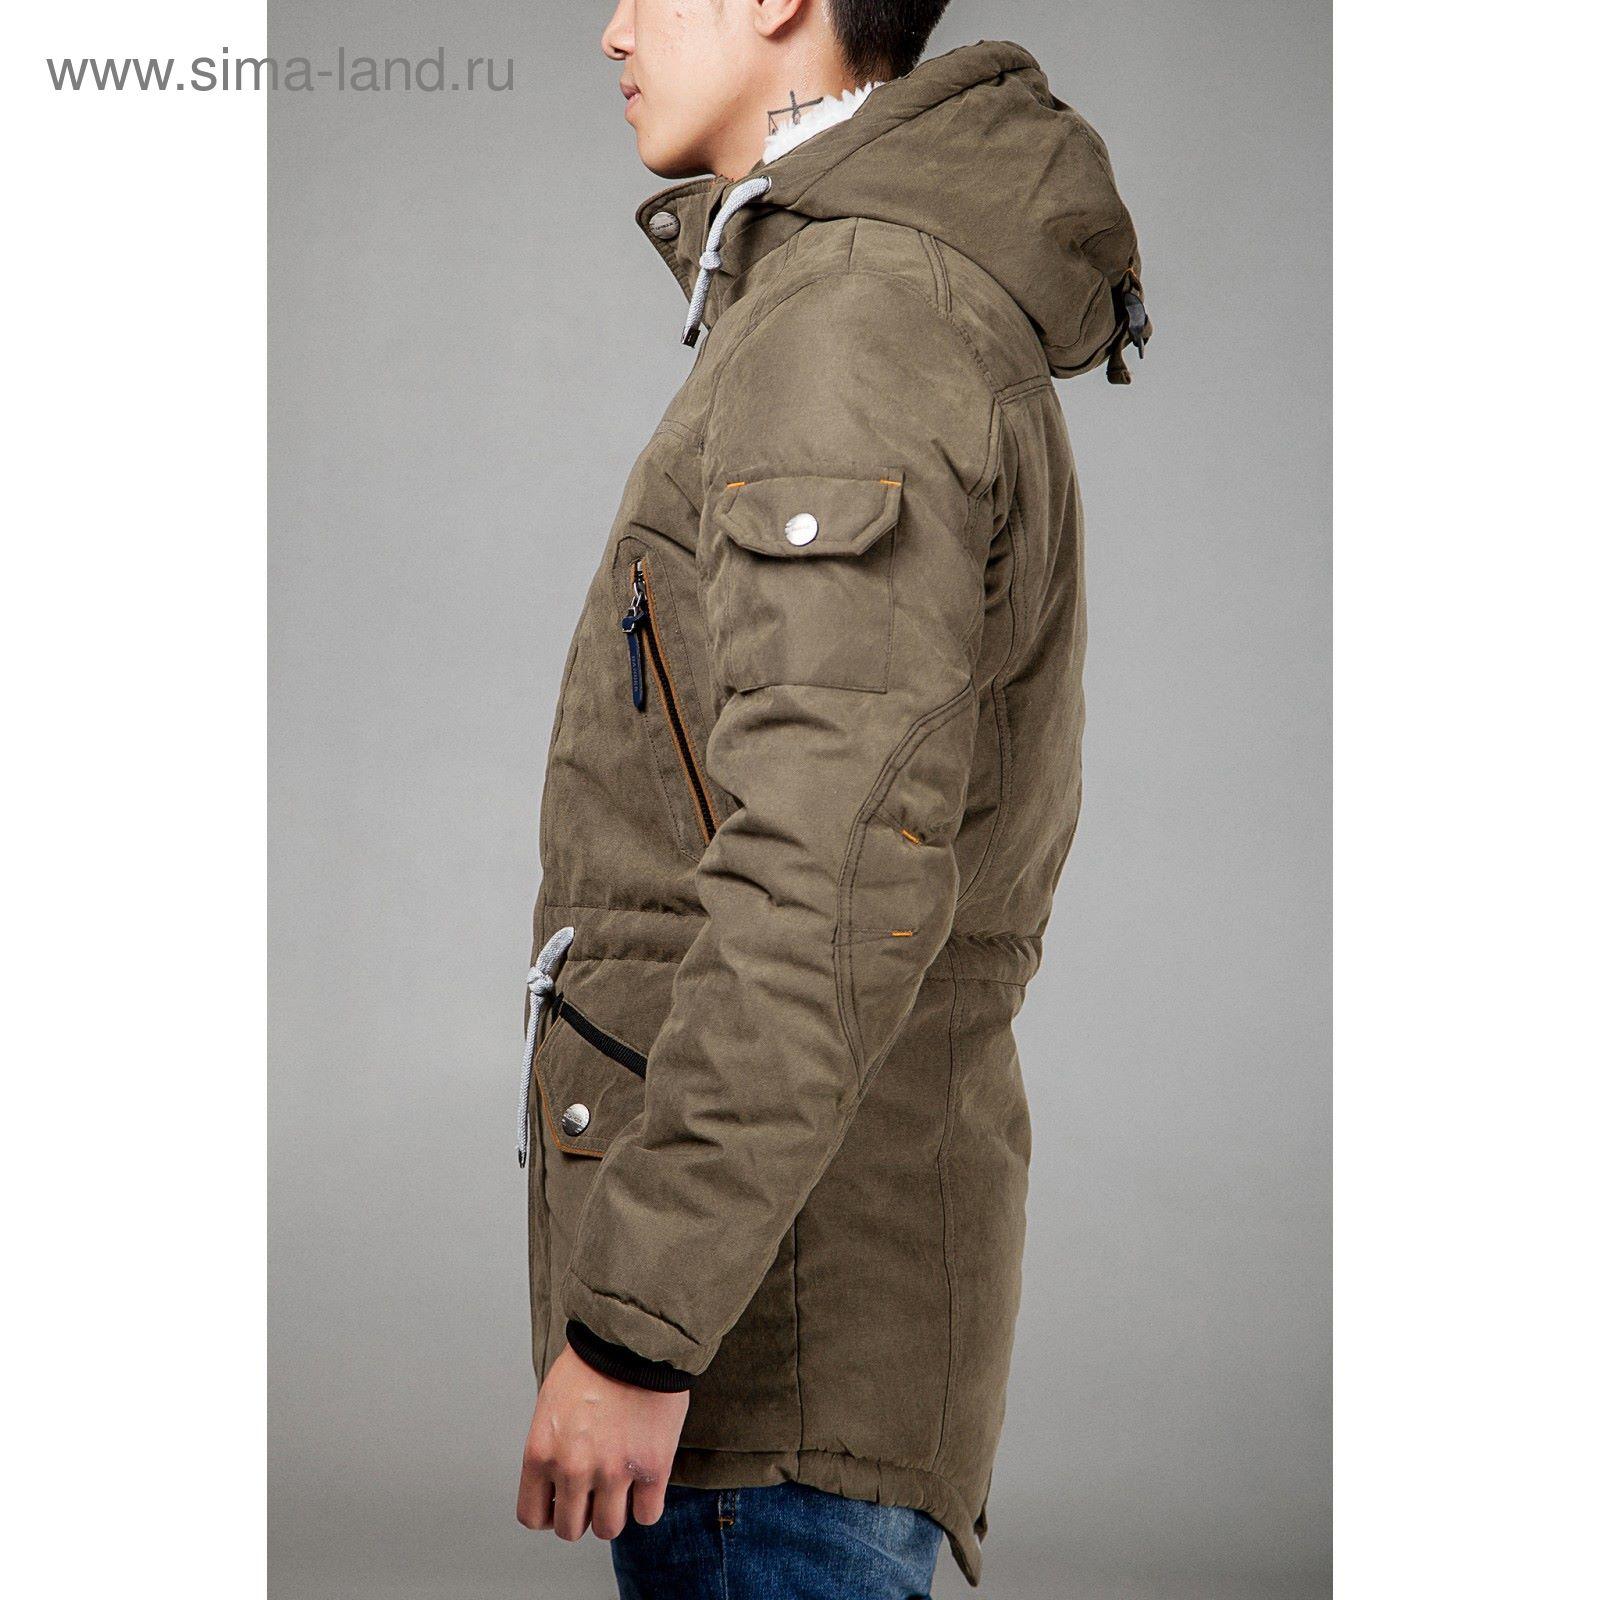 Куртка мужская зимняя размер 50  2e7a2dde541e6